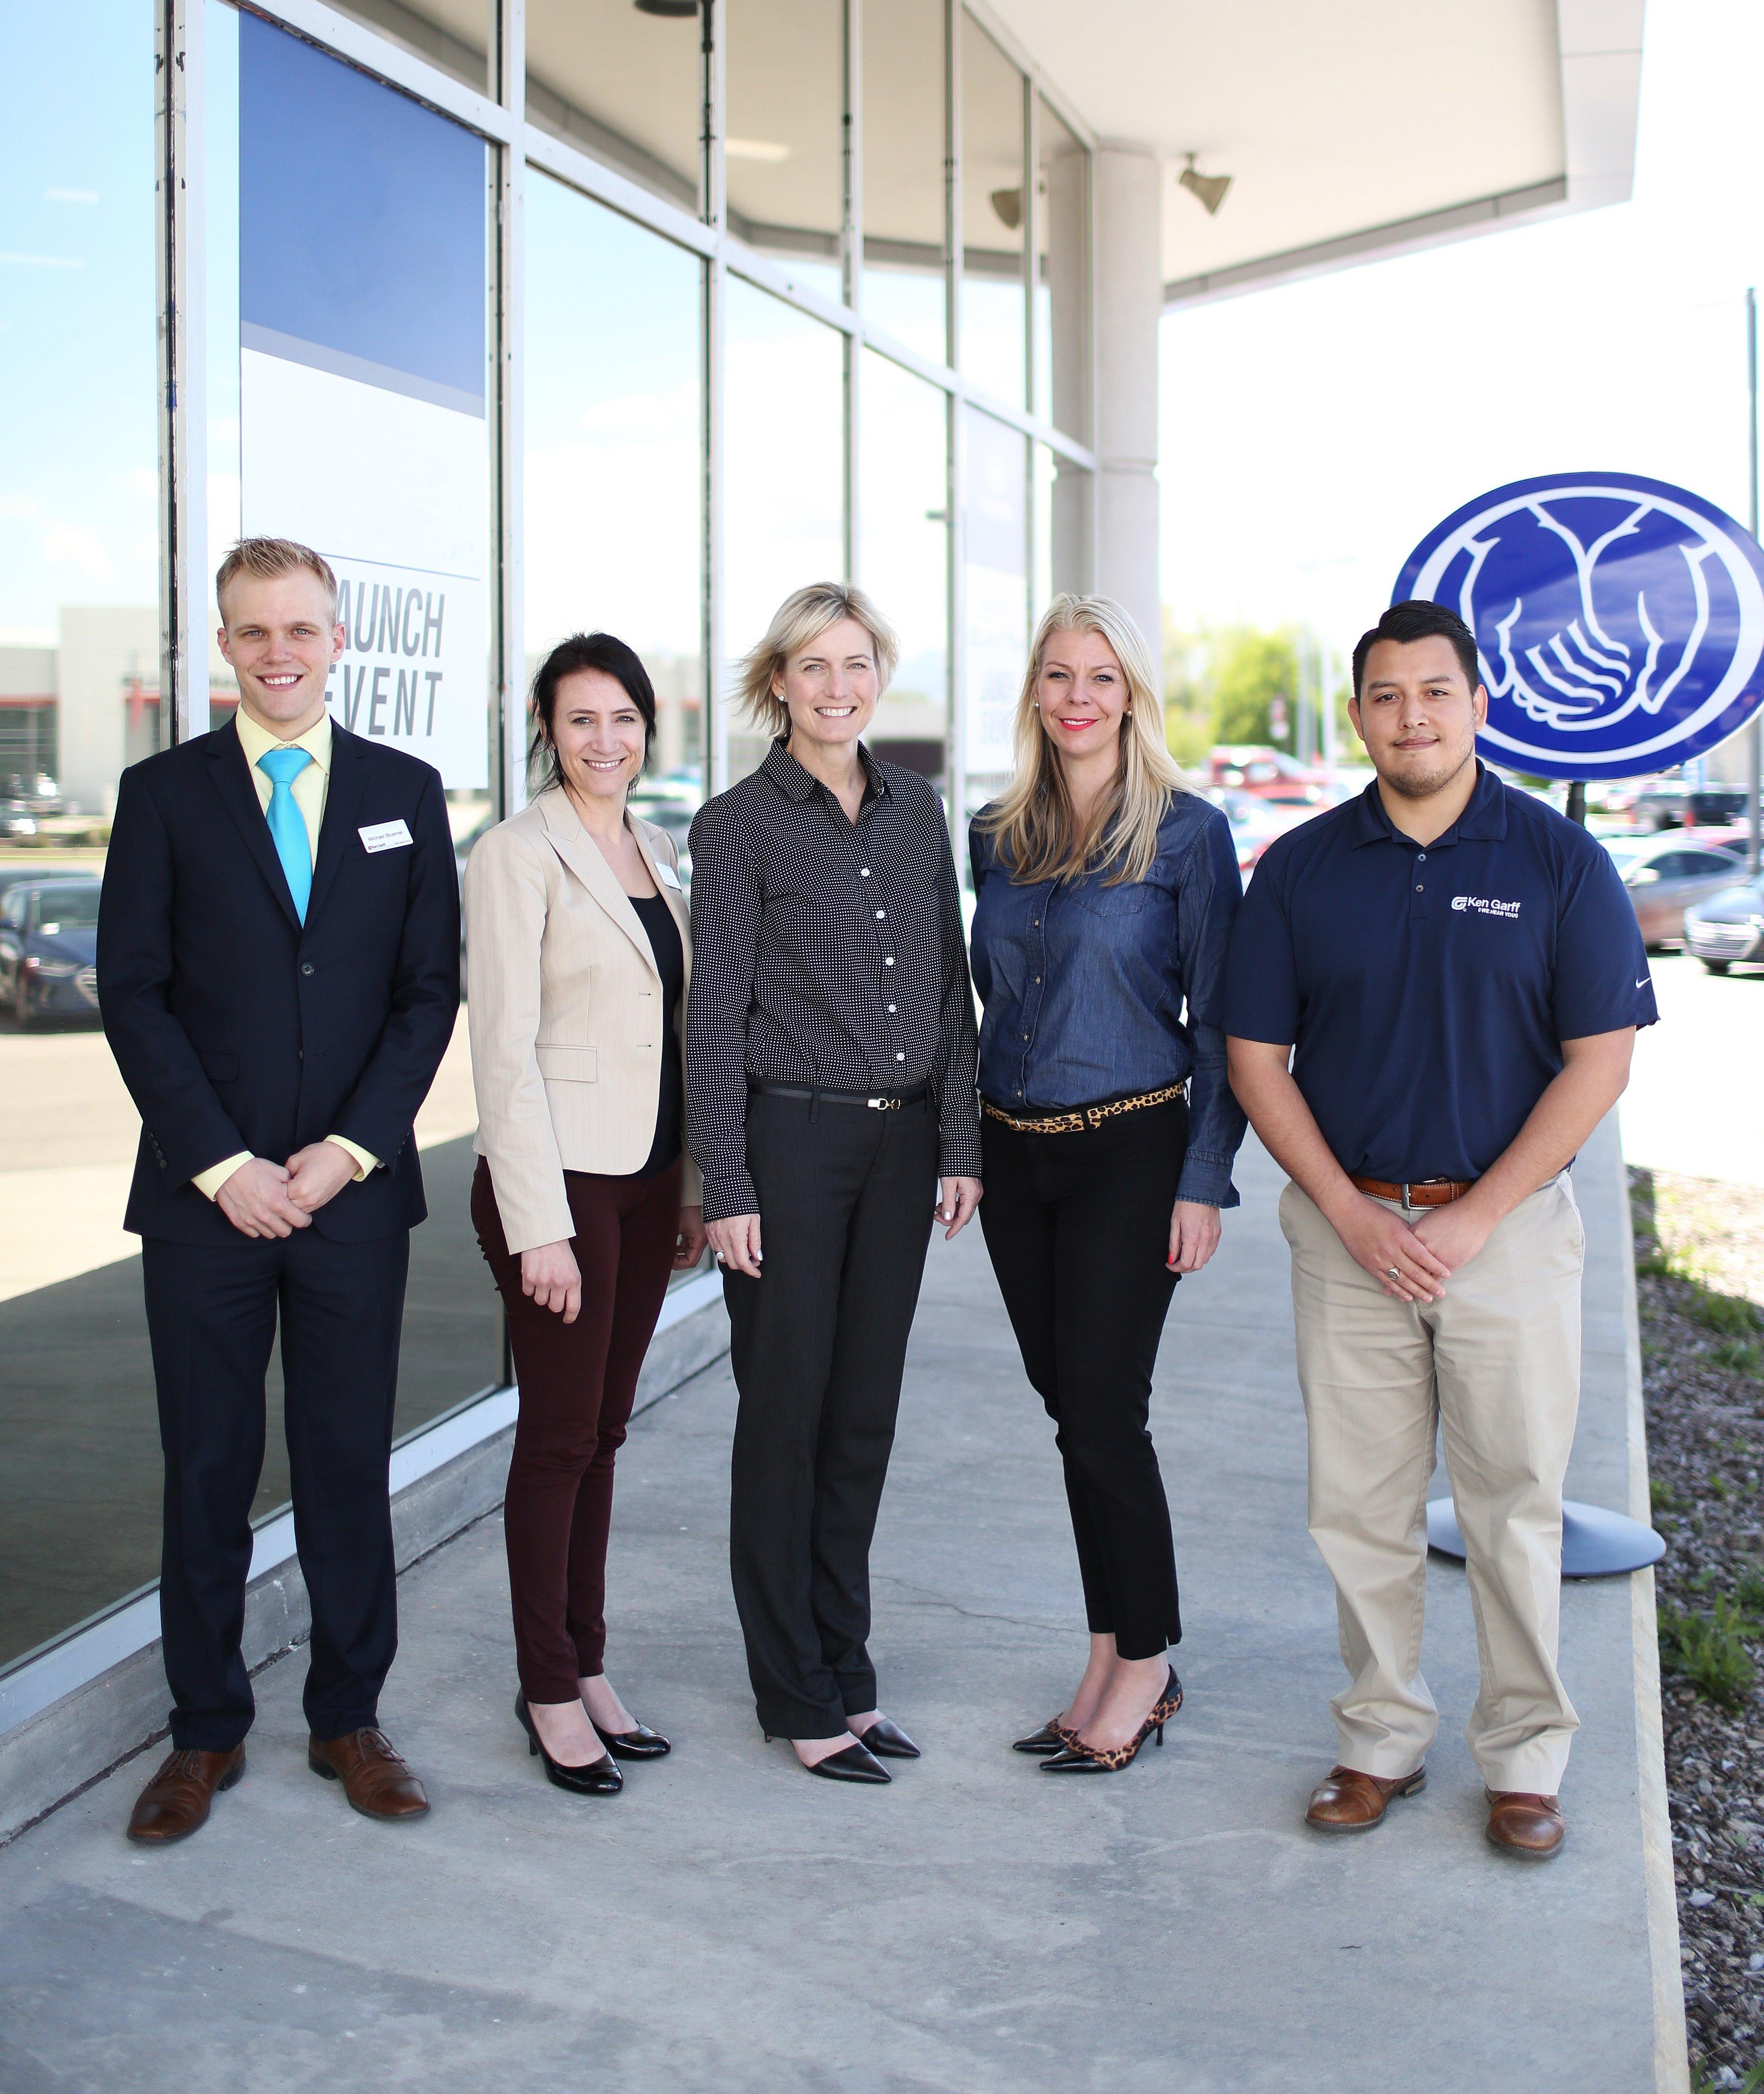 Ken Garff Insurance Downtown: Allstate Insurance